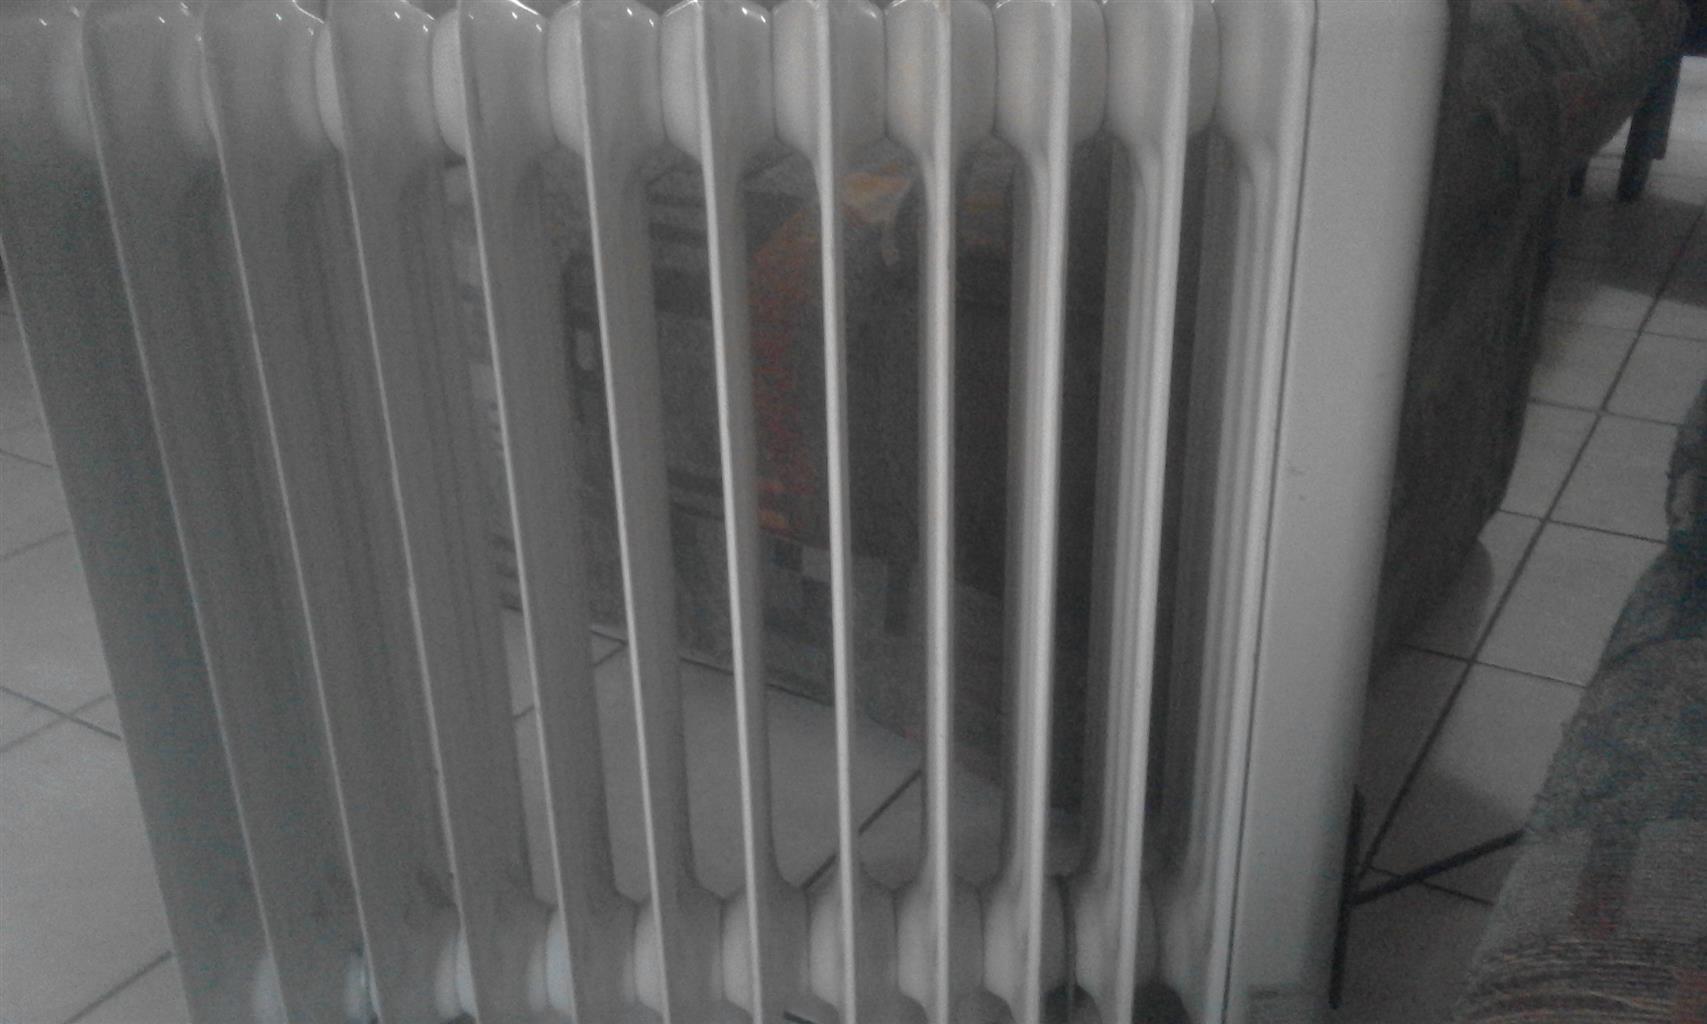 De longi oil 12 fin heater